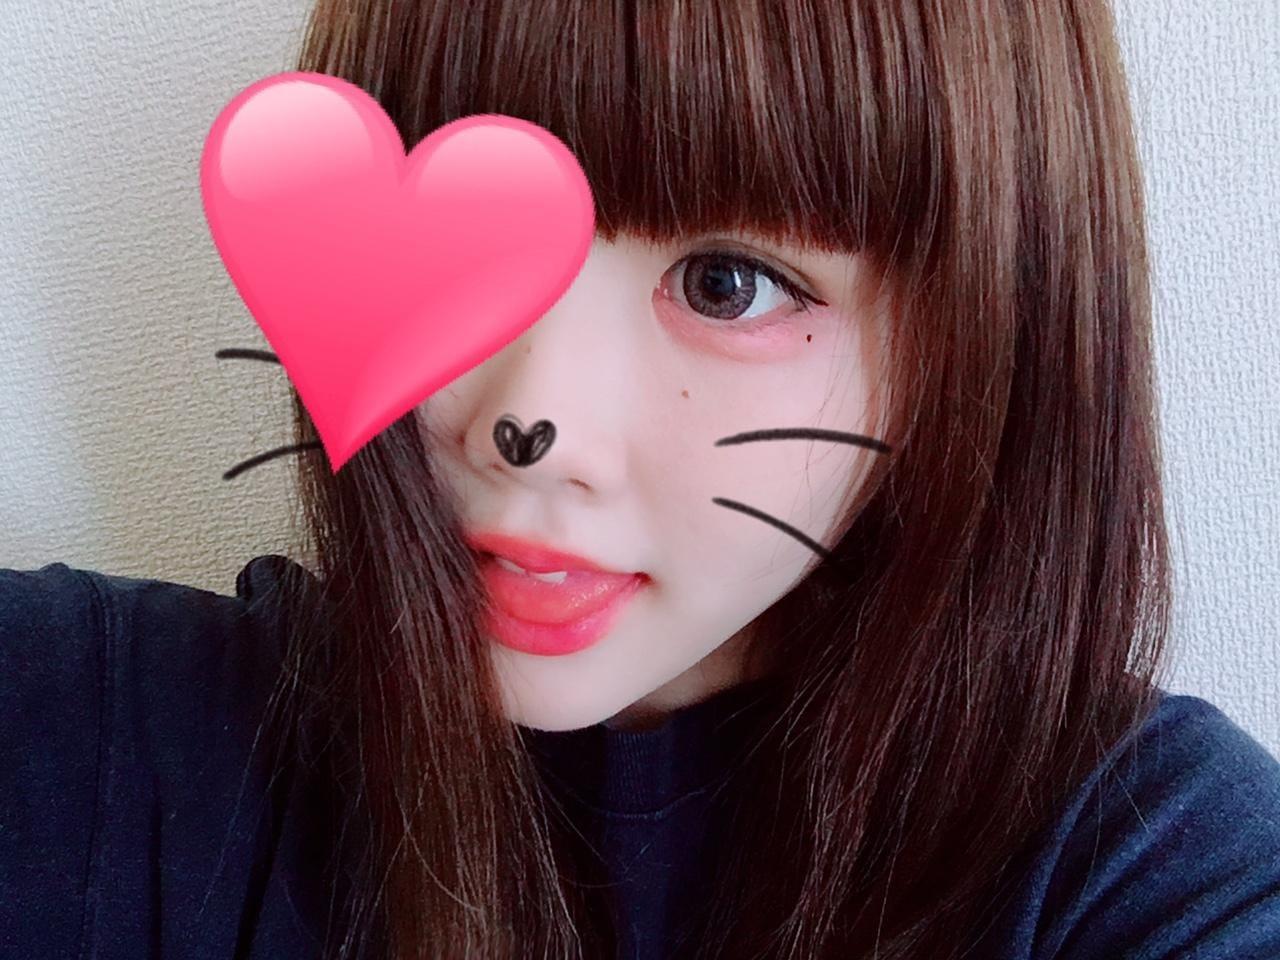 「いえい」06/24(日) 15:26 | くるみちゃんの写メ・風俗動画